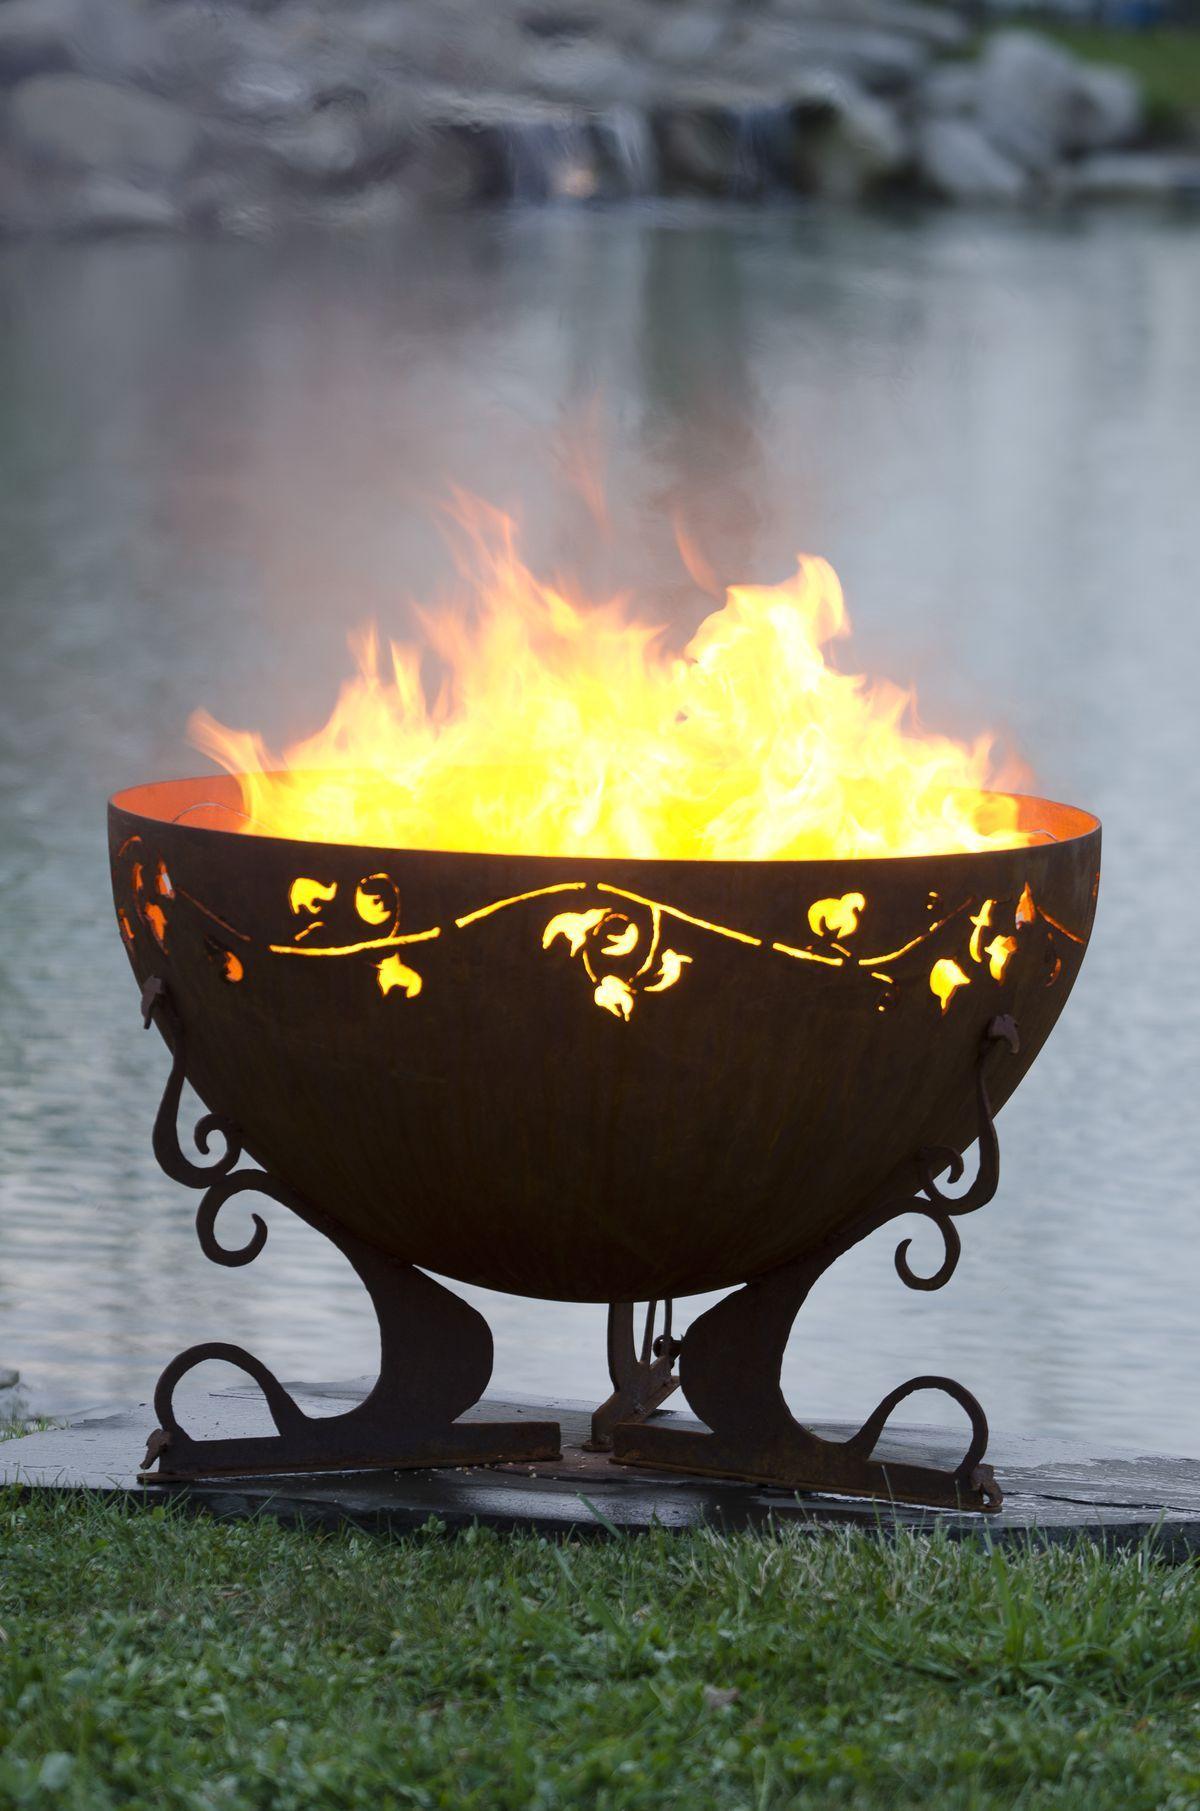 Garden fire features  The Ivy Garden Fire Pit Sculptural Steel Firebowl is u in diameter